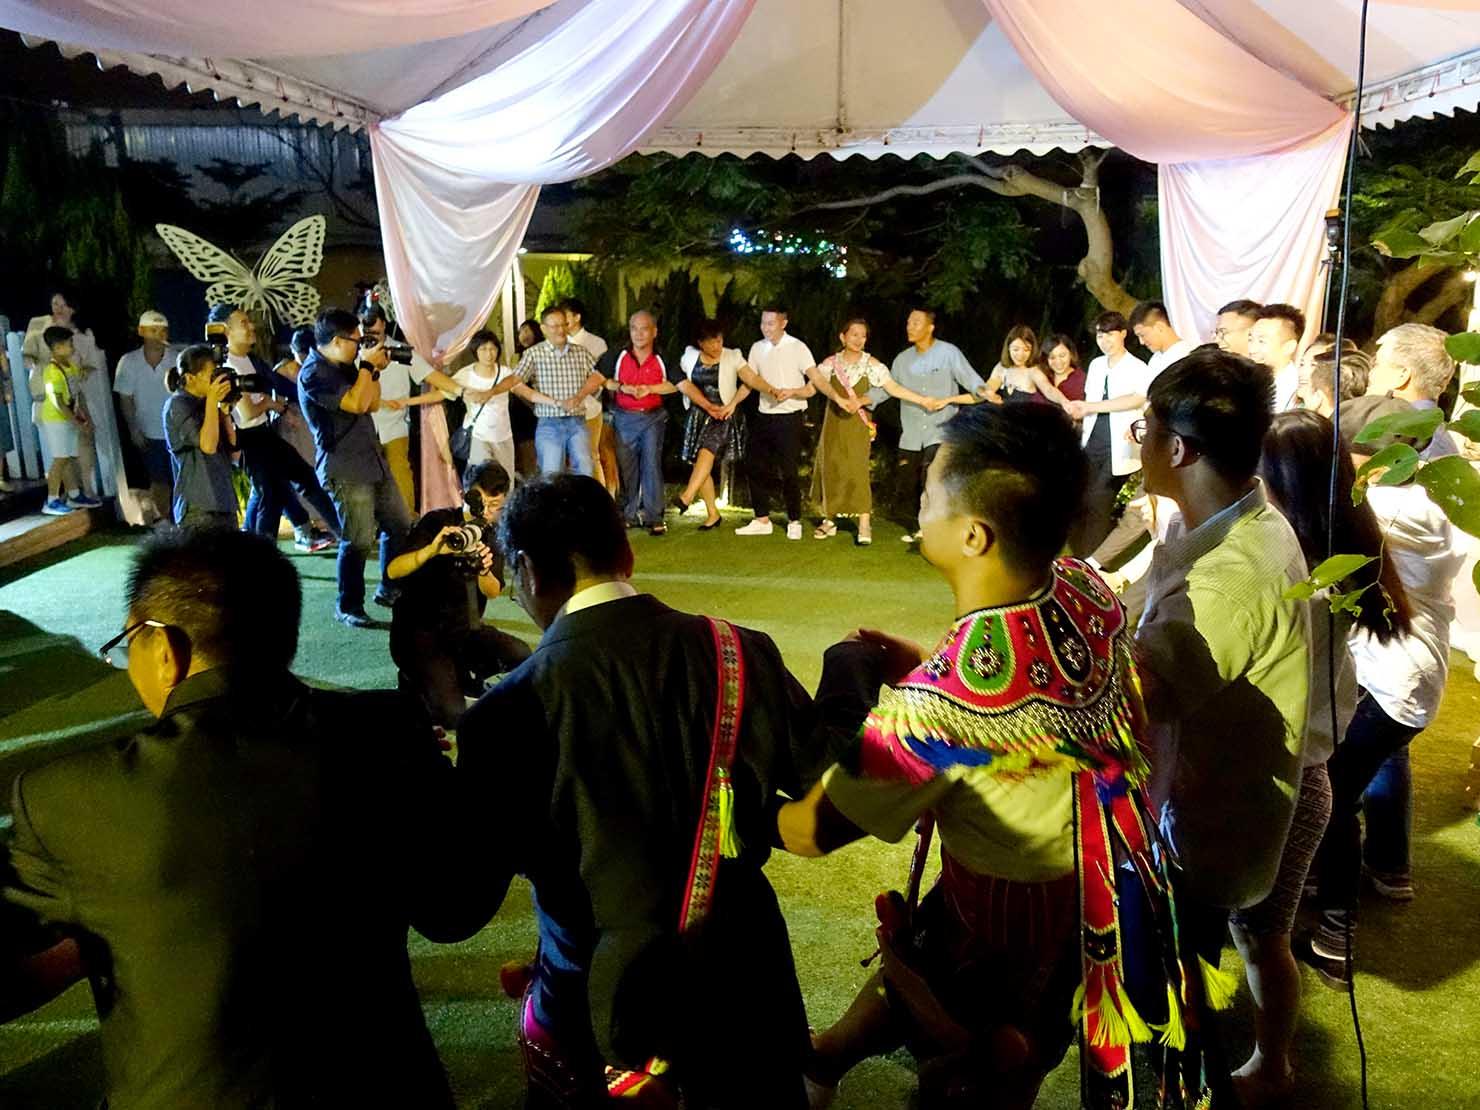 台湾の結婚式で原住民族・阿美族(アミ族)の伝統衣装に身を包んで参列者たちと踊る新郎新婦